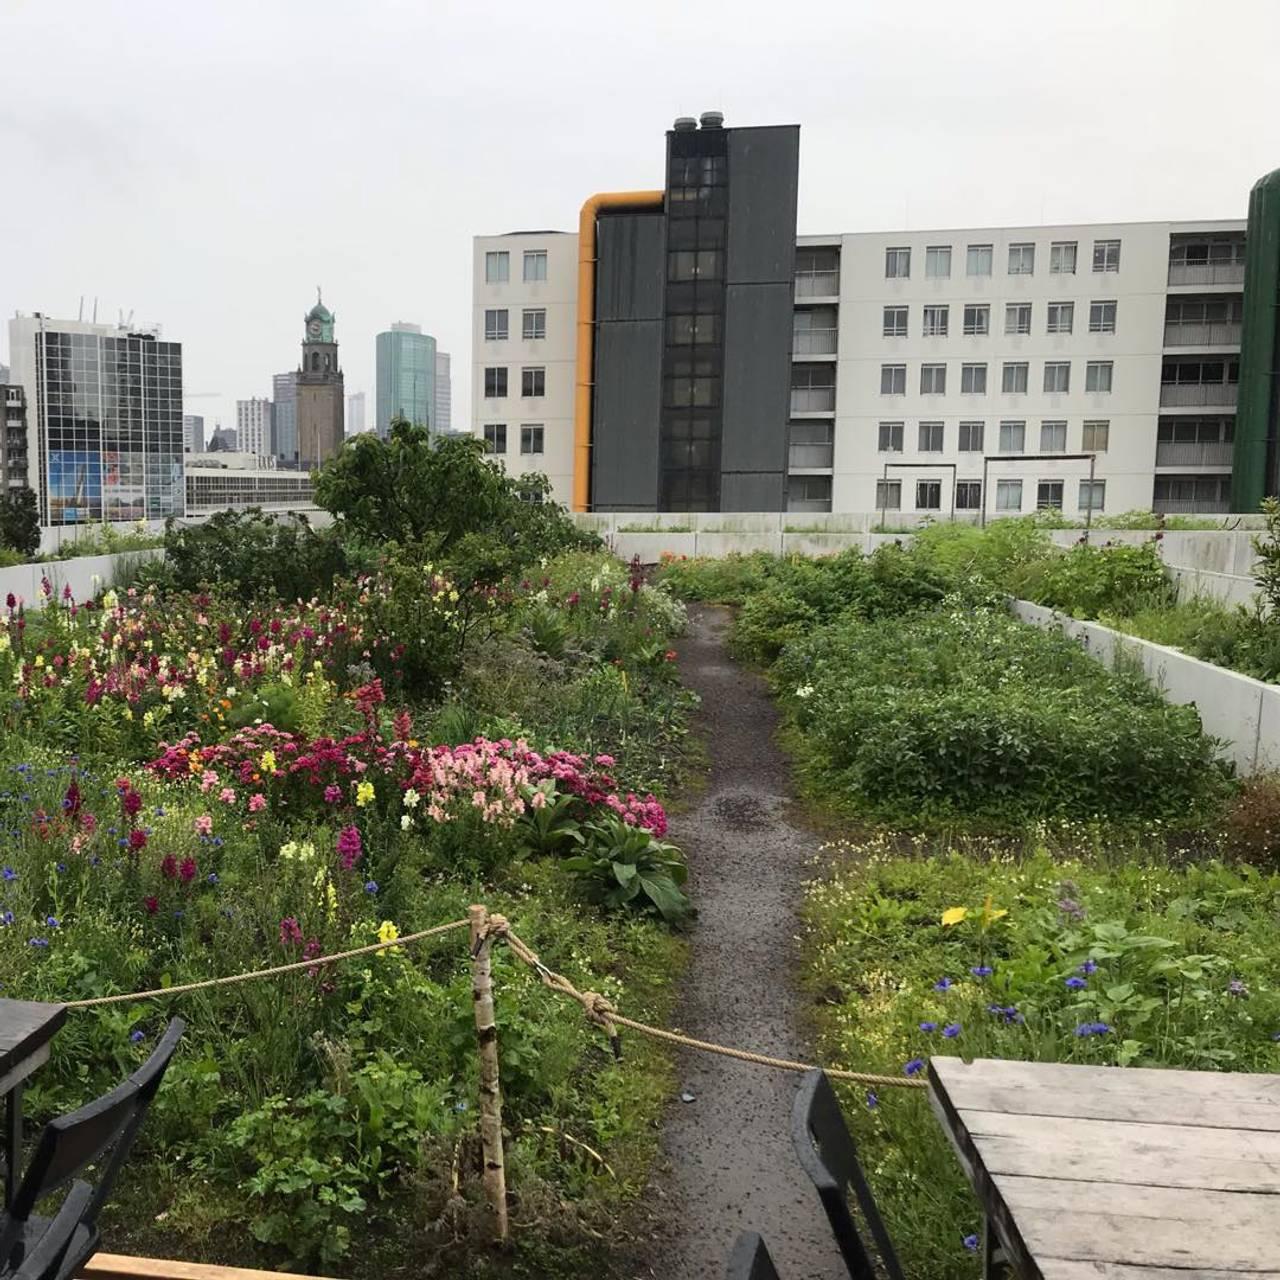 Det blomstrer på taket i Rotterdam